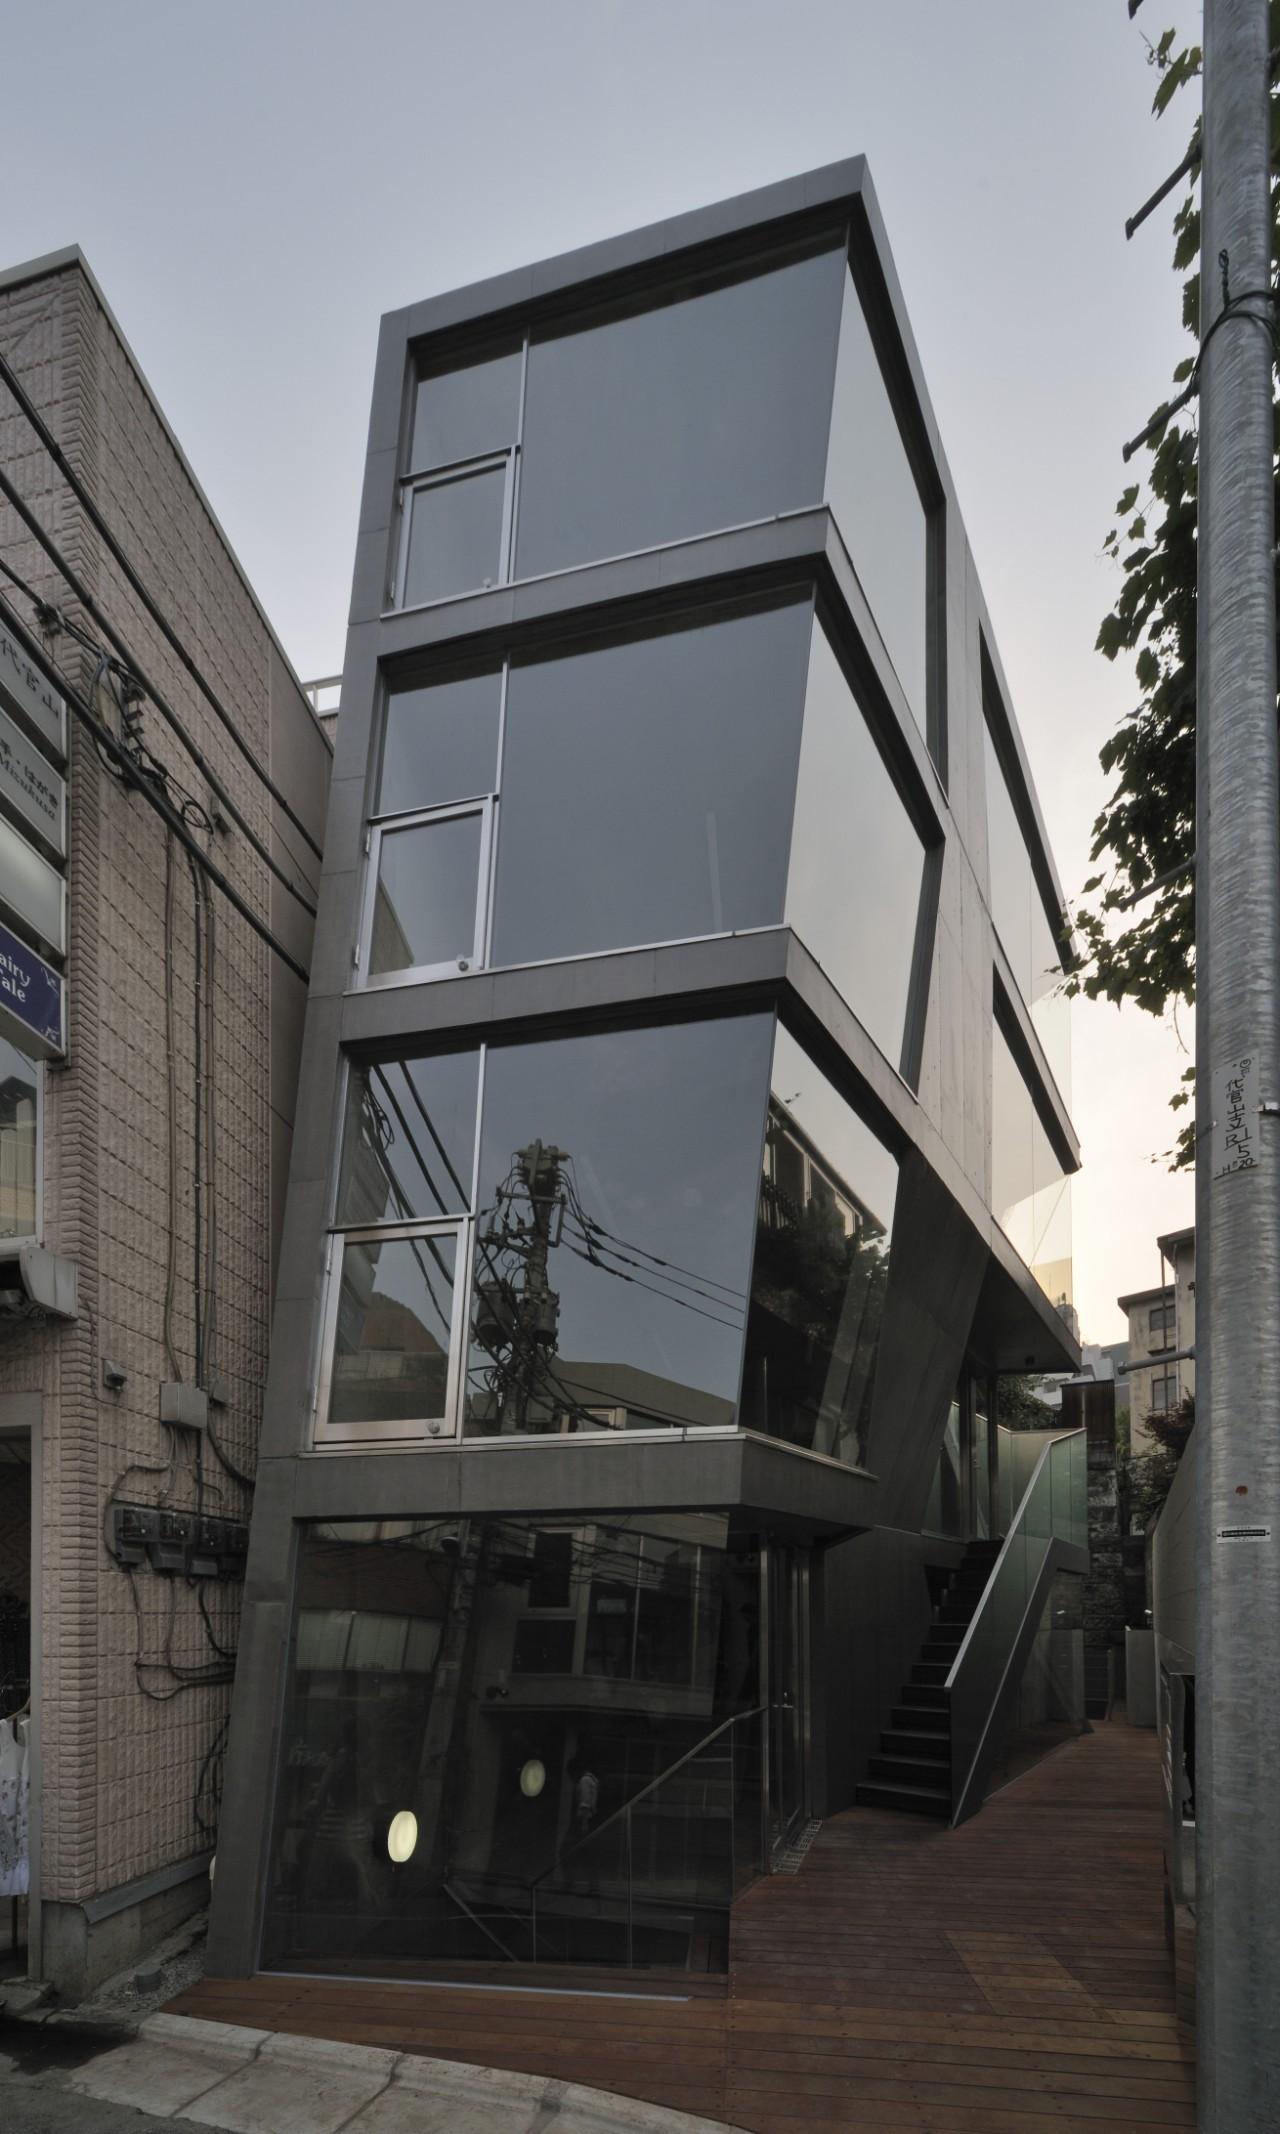 DST / aat + makoto yokomizo architects, © Hiro Sakaguchi